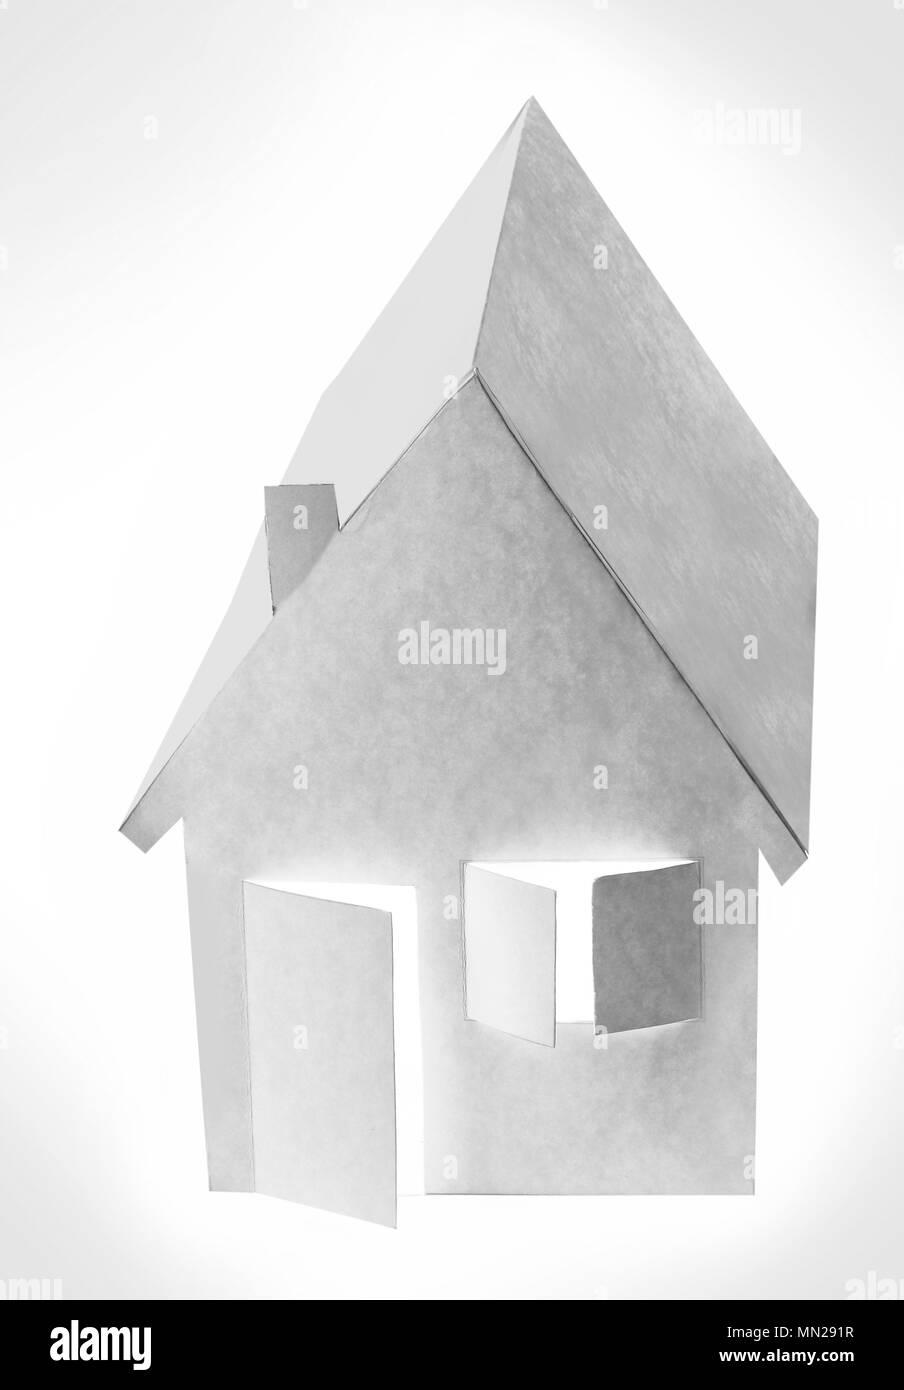 Casa de papel sobre un fondo blanco, con retroiluminación en las ventanas y puertas Imagen De Stock